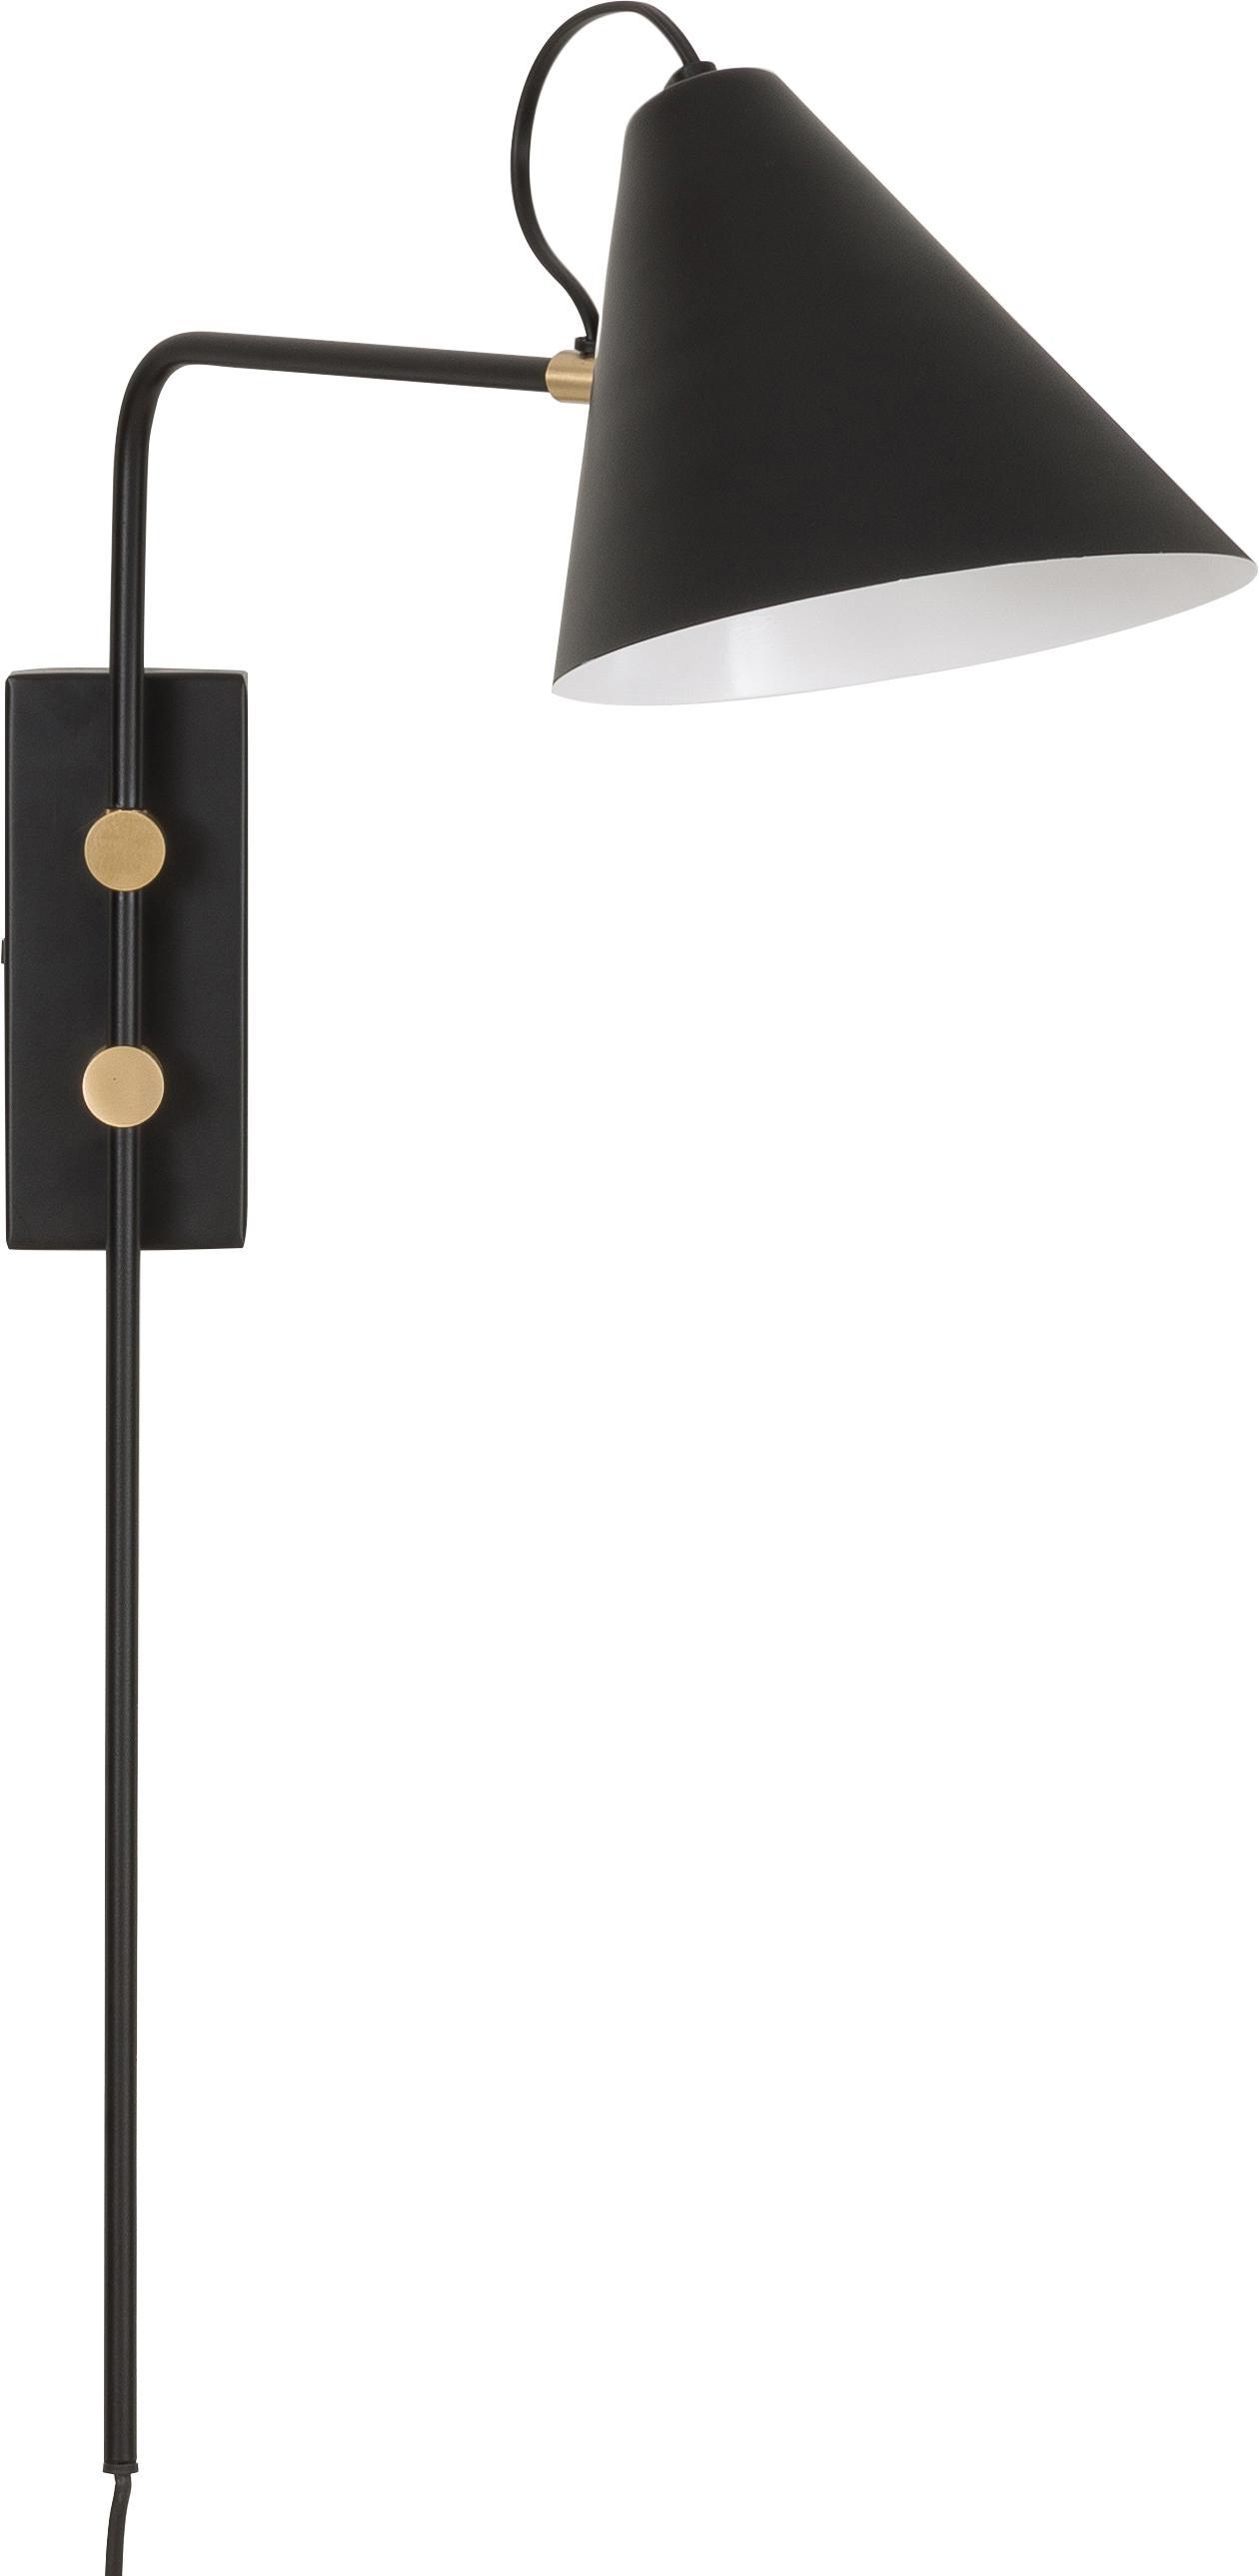 Kinkiet z wtyczką Club, Lampa: czarny Szczegóły: mosiądz, S 20 x W 62 cm